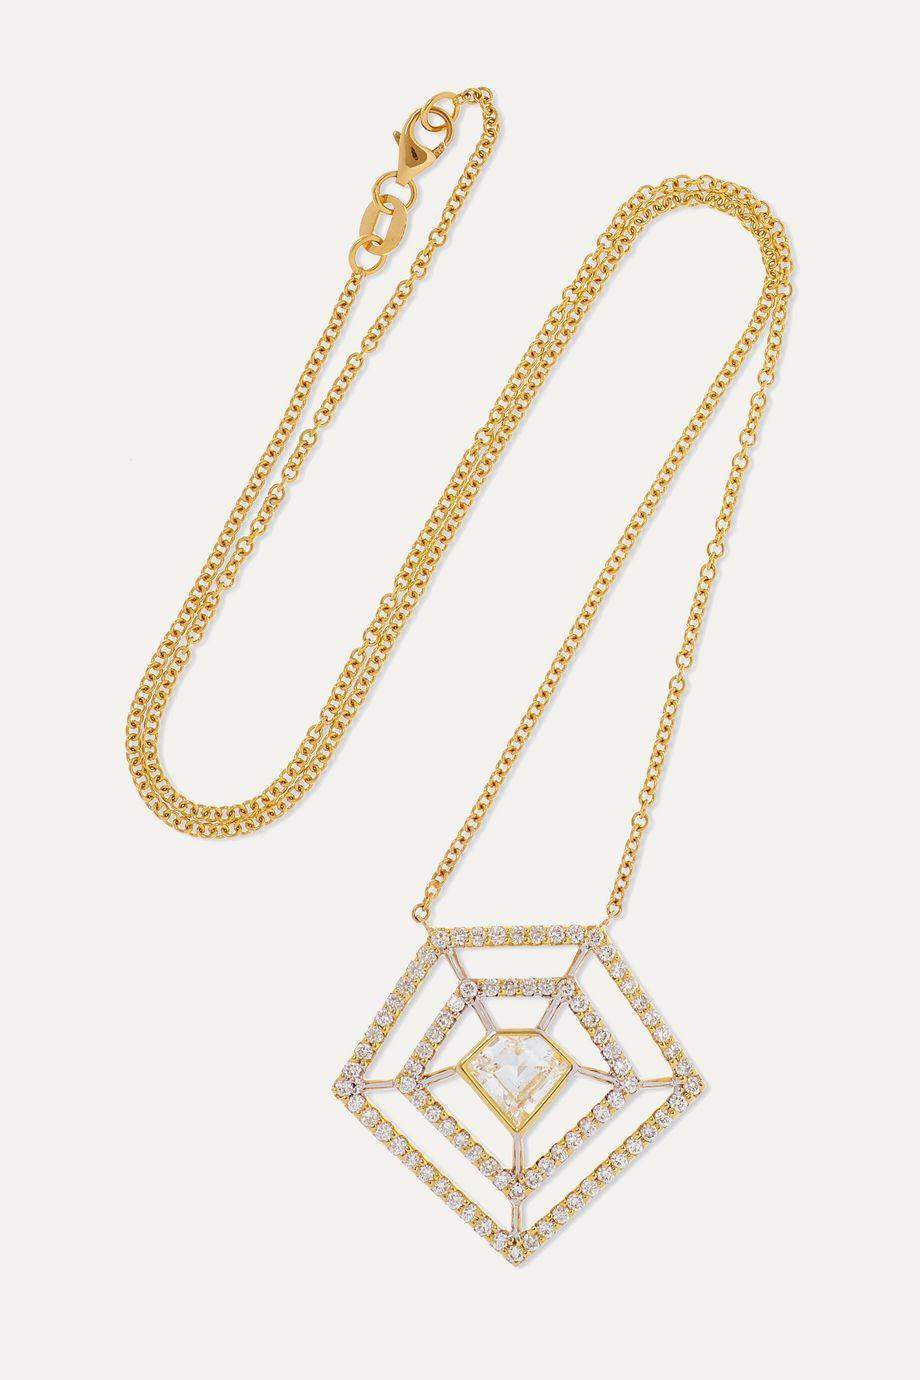 Kimberly McDonald 18-karat gold diamond necklace